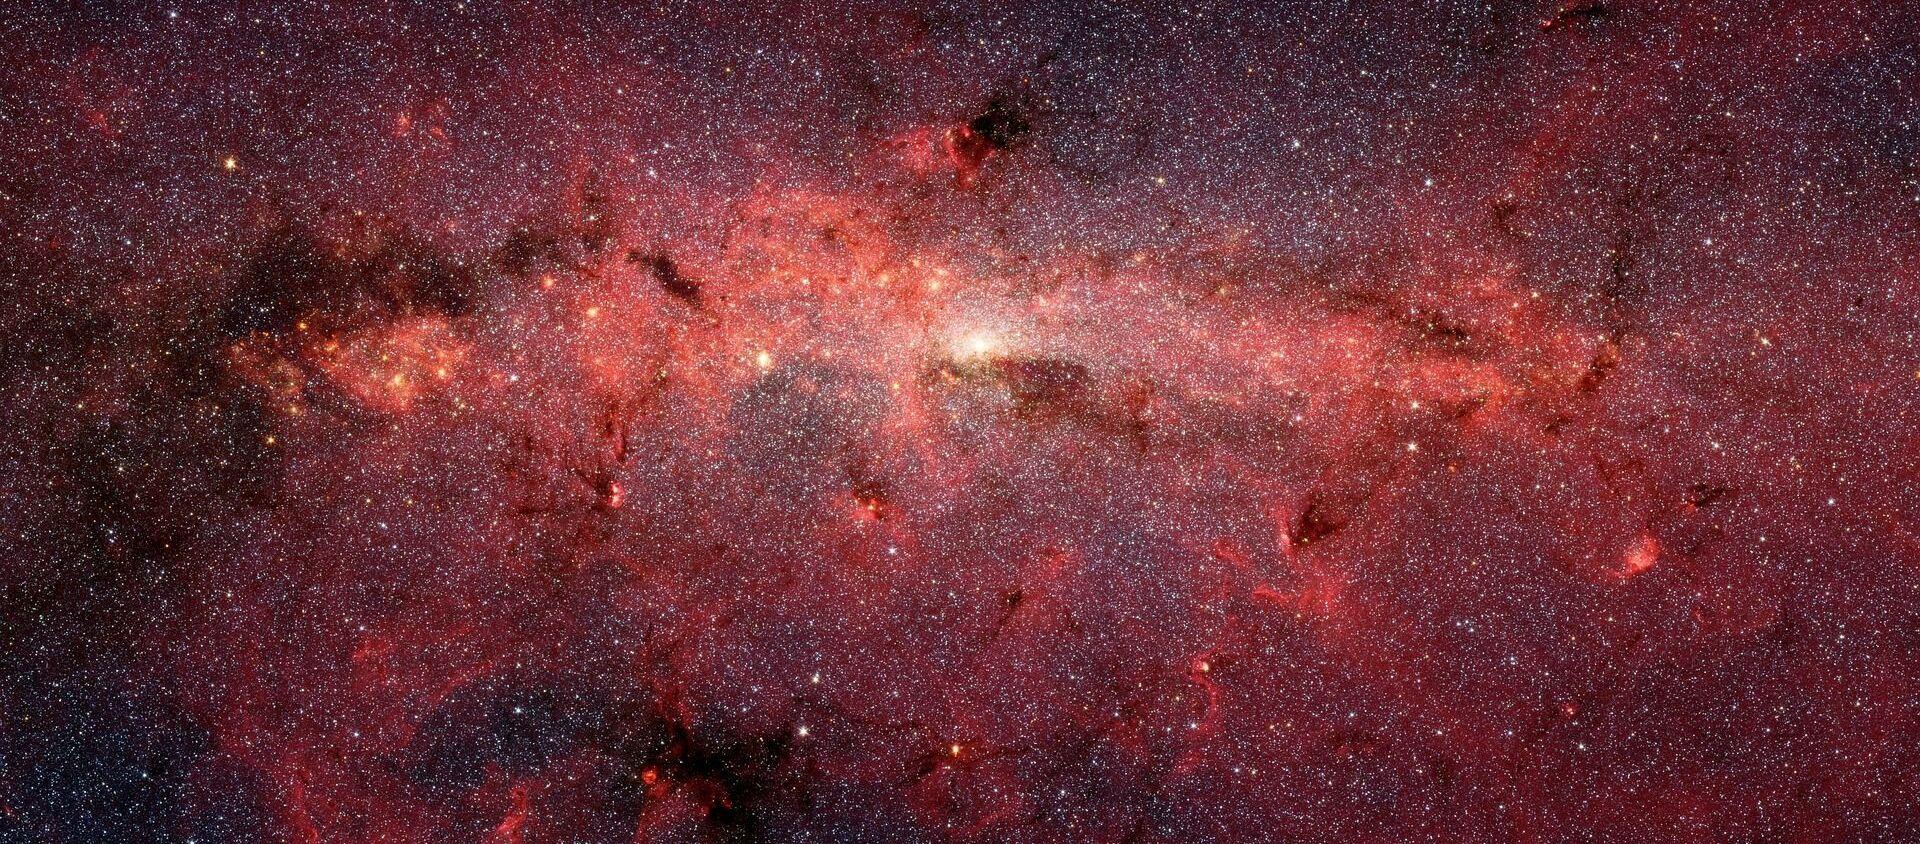 La Vía Láctea, nuestra galaxia - Sputnik Mundo, 1920, 06.02.2021